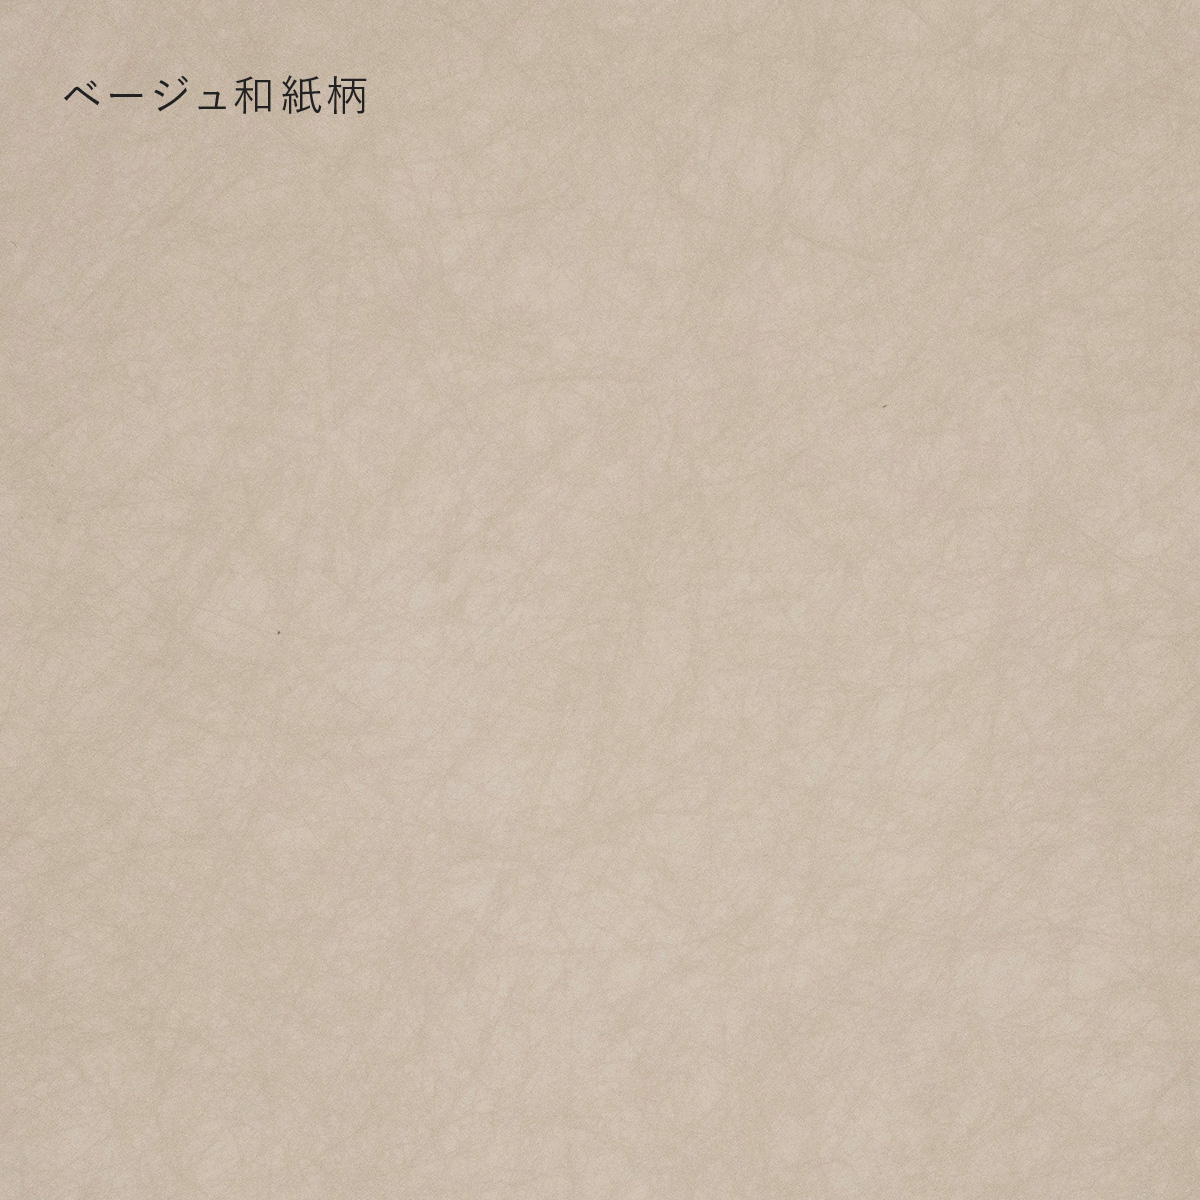 【V-TISS LIGHT】 ハーフ浅型 (縦取付けタイプ)